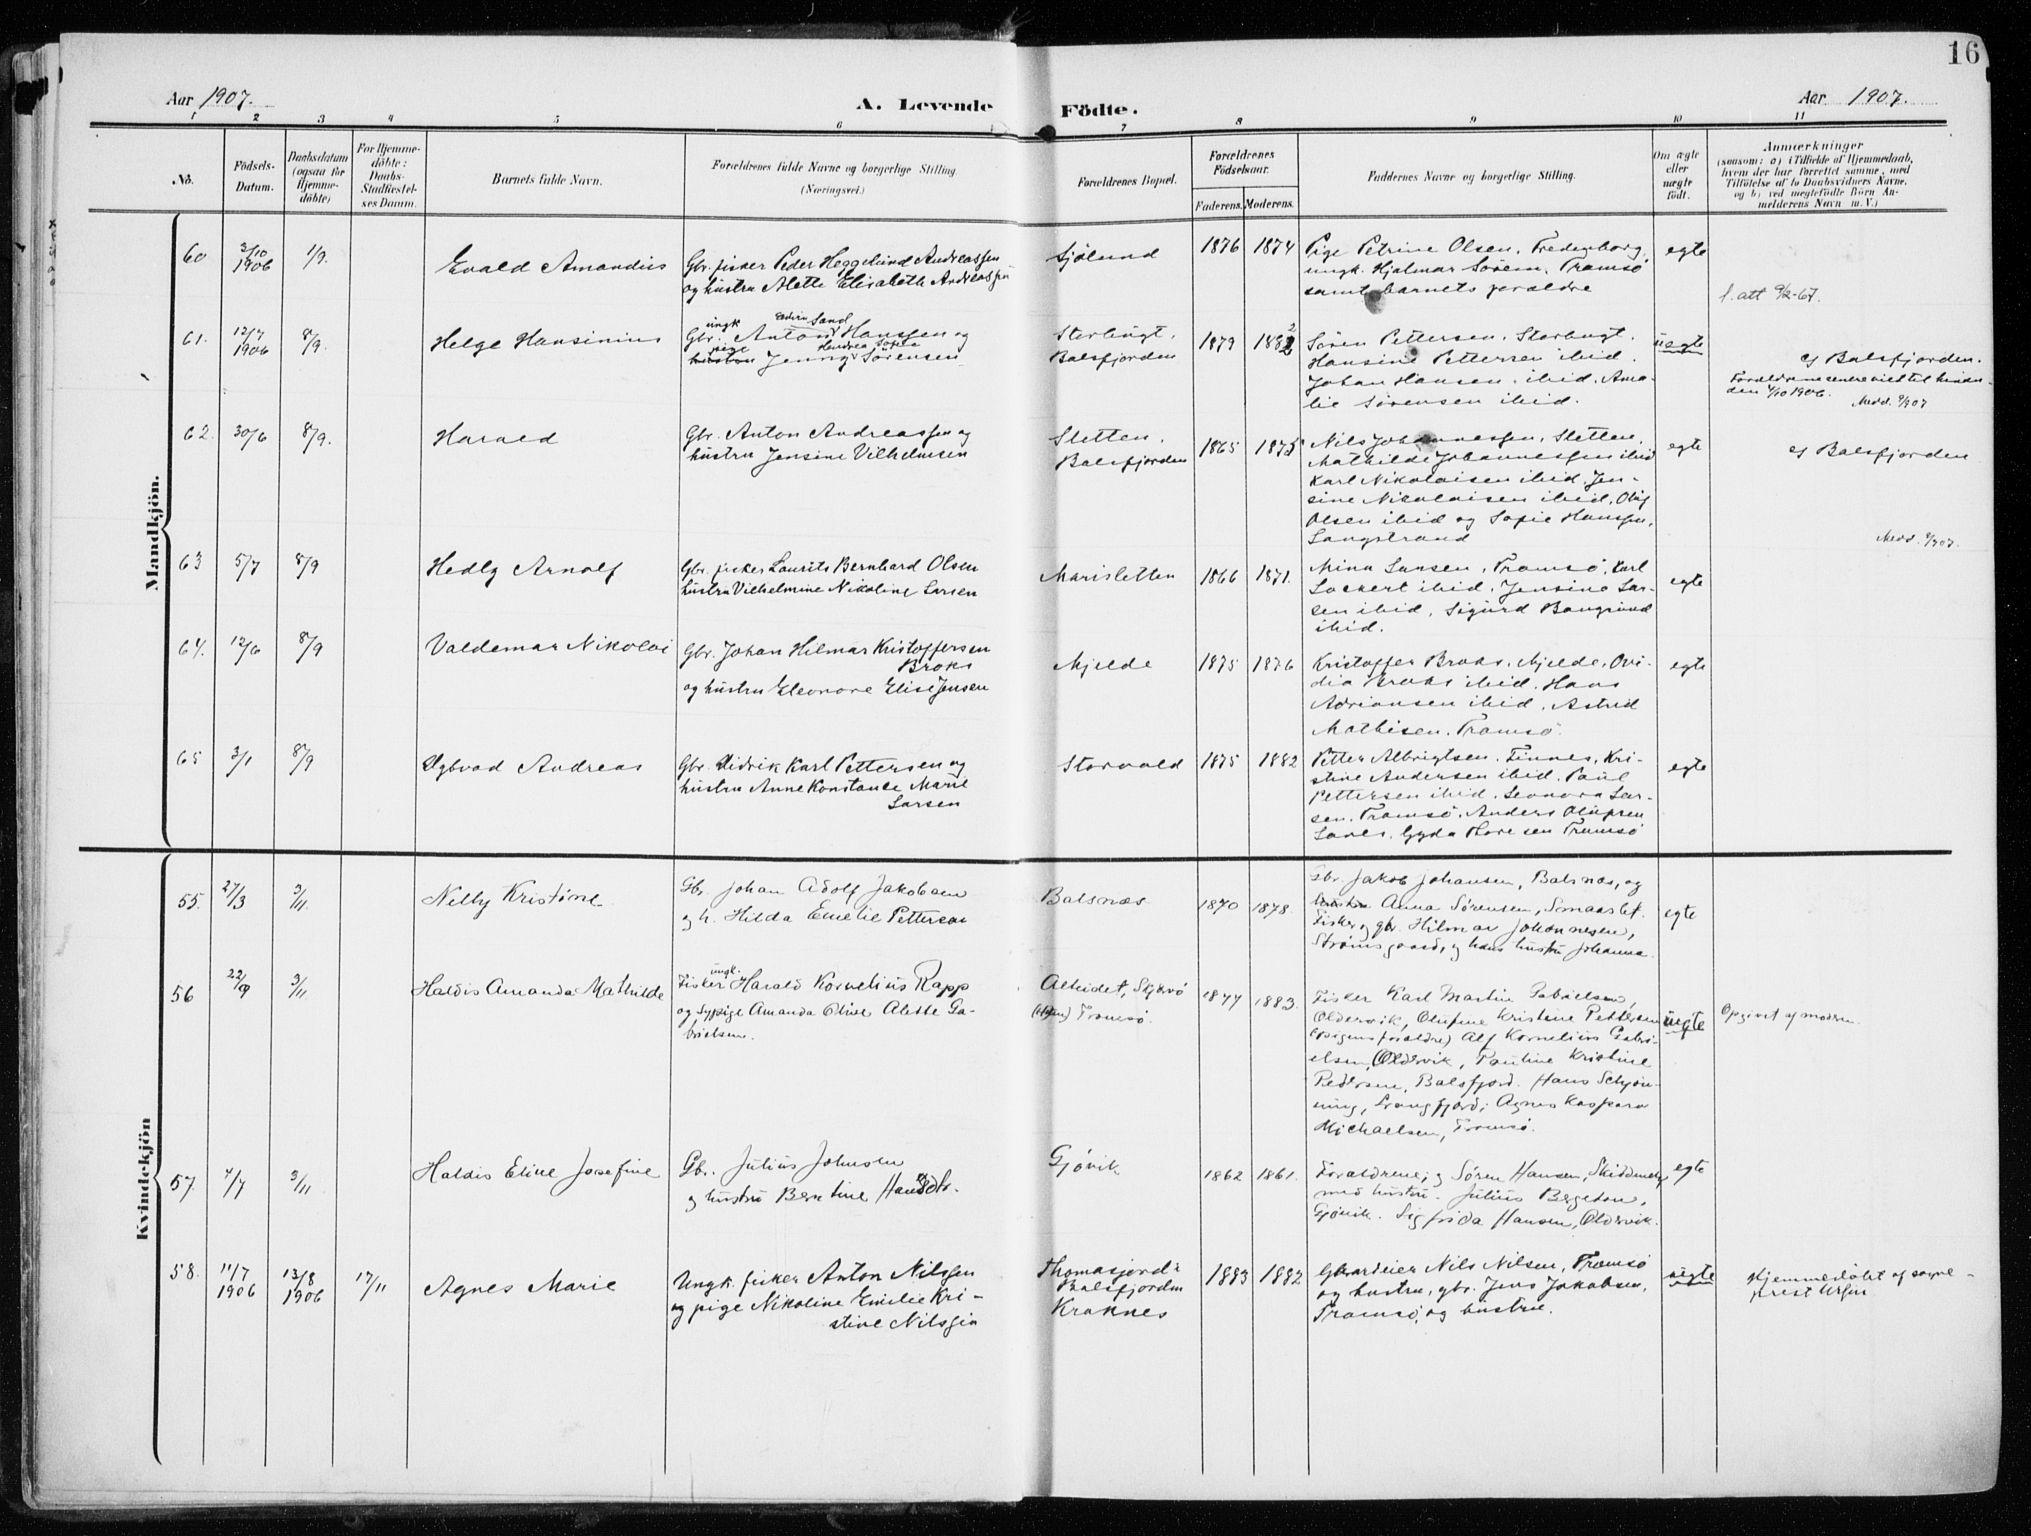 SATØ, Tromsøysund sokneprestkontor, G/Ga/L0007kirke: Ministerialbok nr. 7, 1907-1914, s. 16